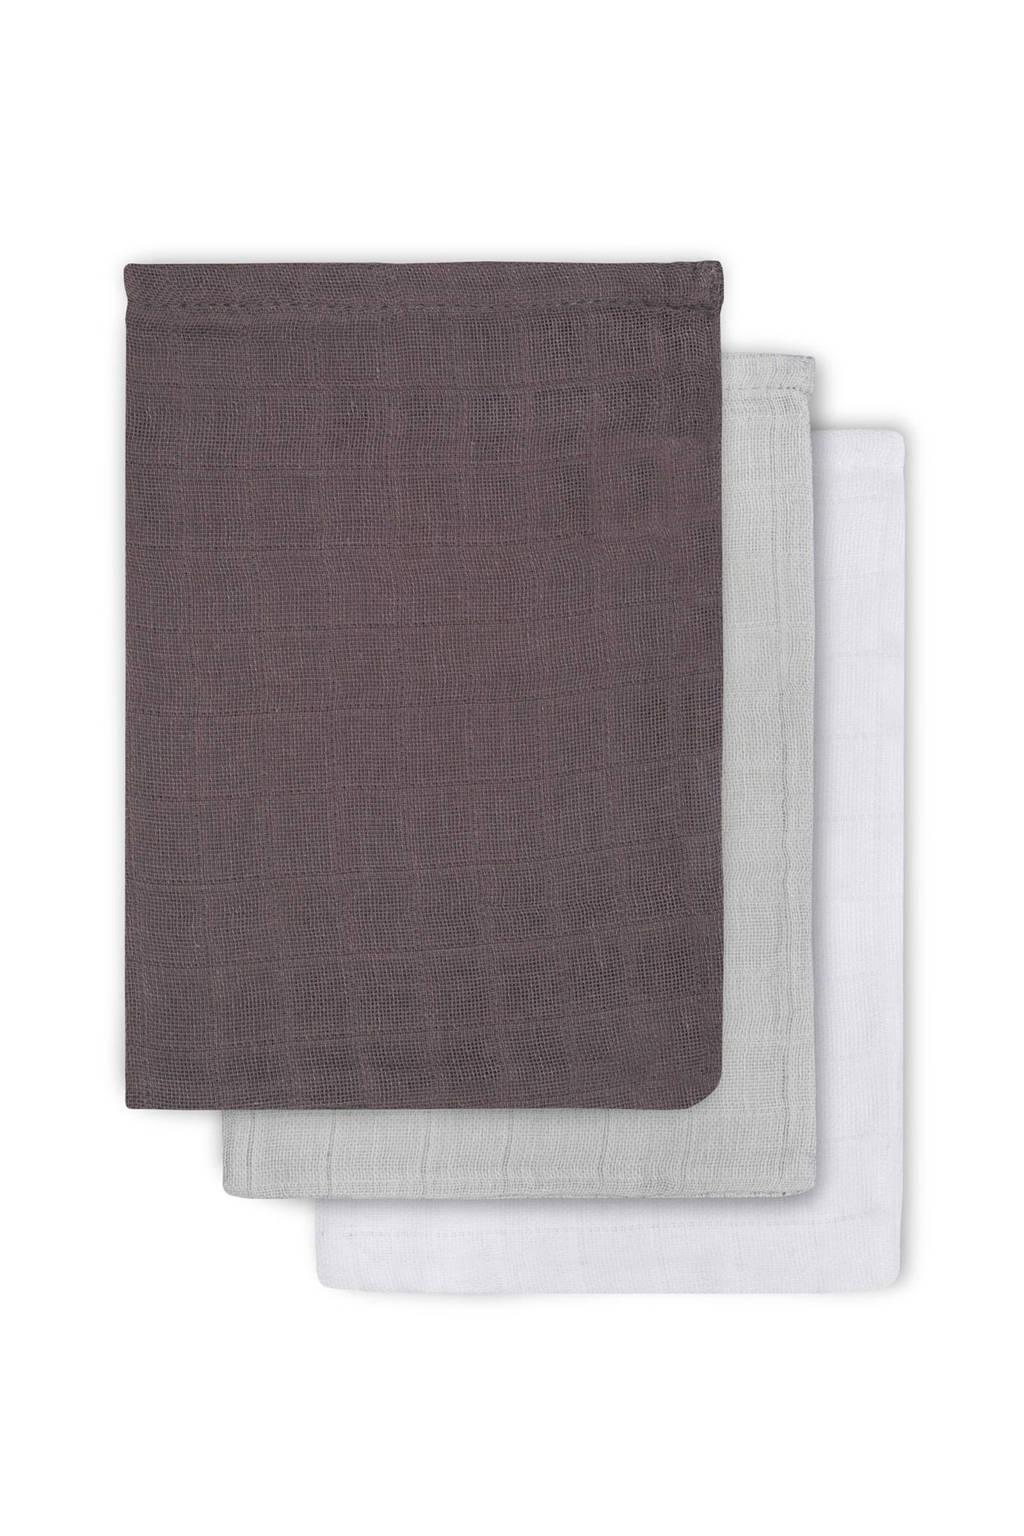 Jollein hydrofiel washandjes (3 stuks), Antraciet/grijs/wit